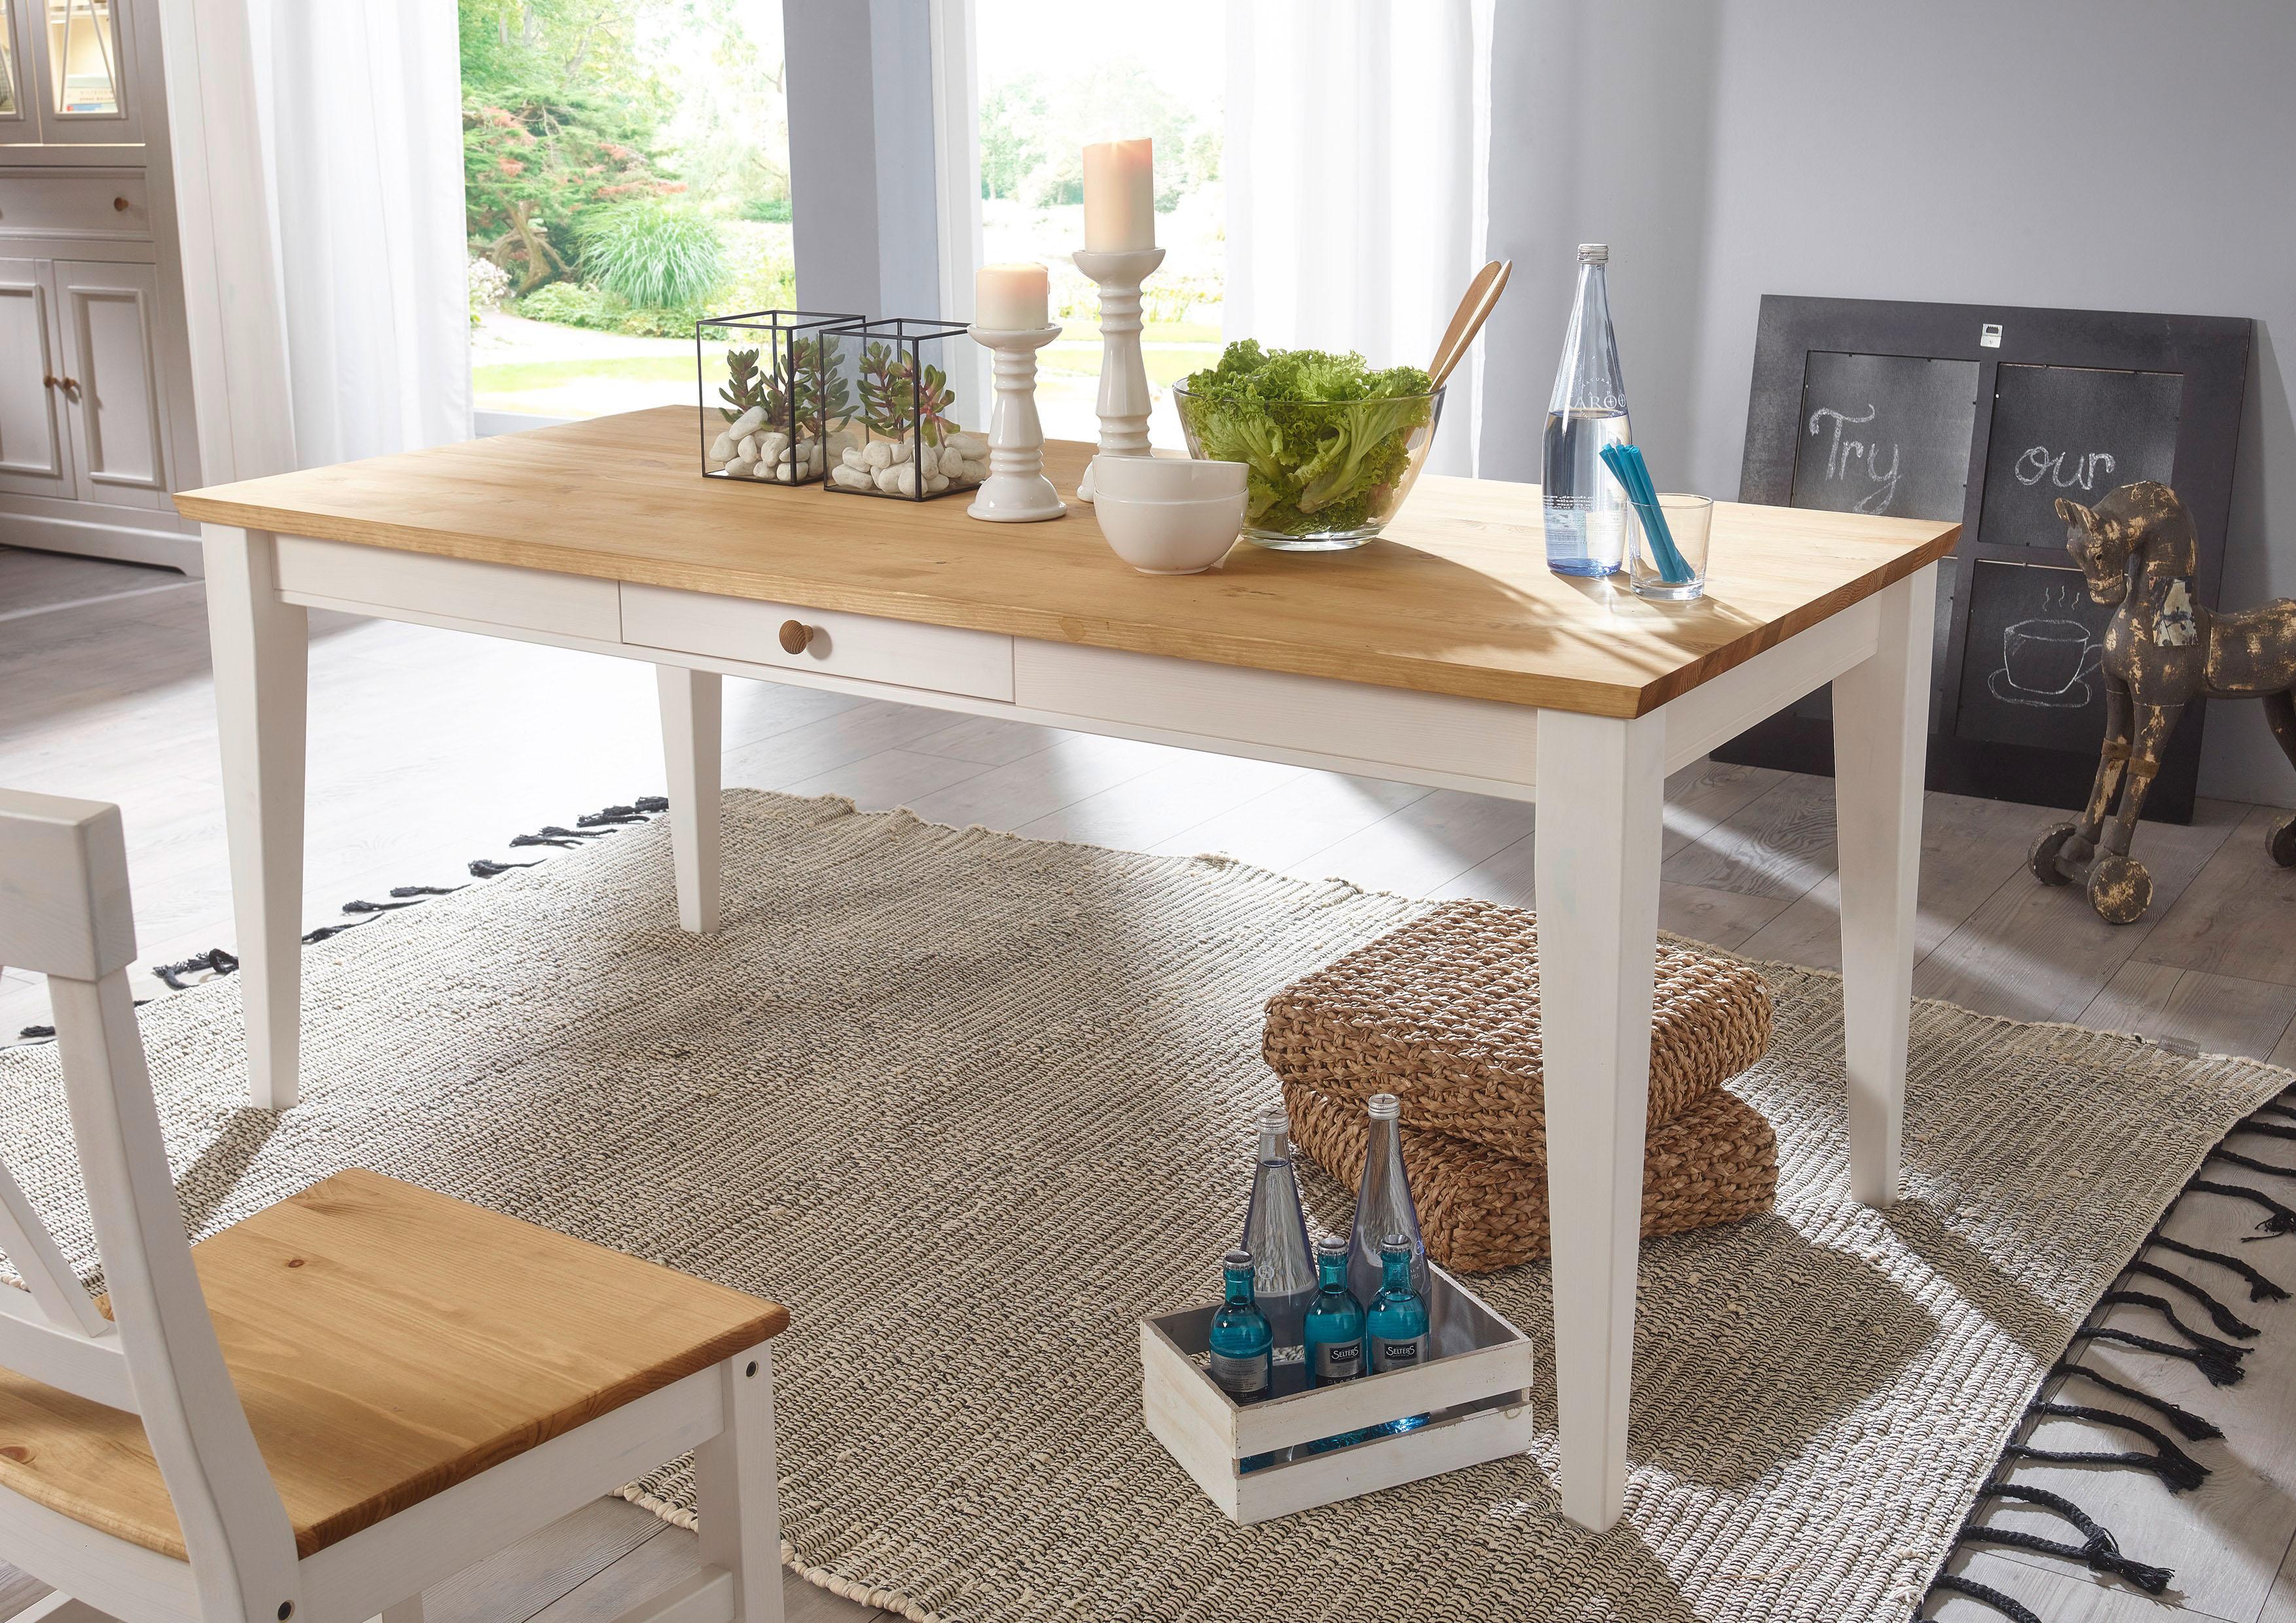 Premium collection by Home affaire Esstisch Marissa, Landhaus-Design pur weiß Holz-Esstische Holztische Tische